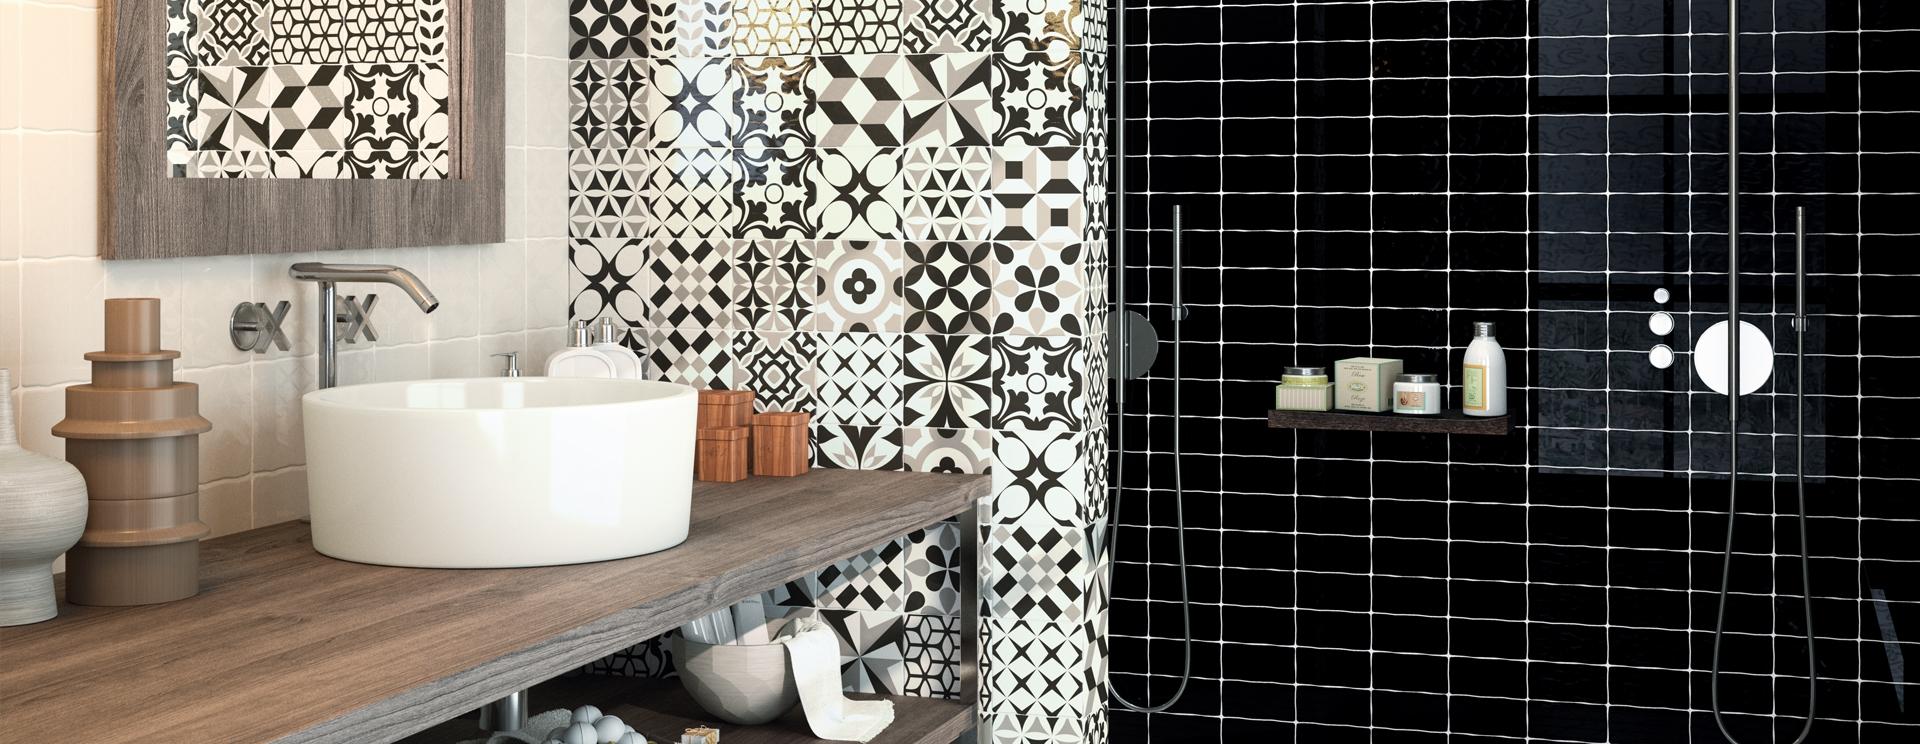 Carrelage salle de bain waterloo